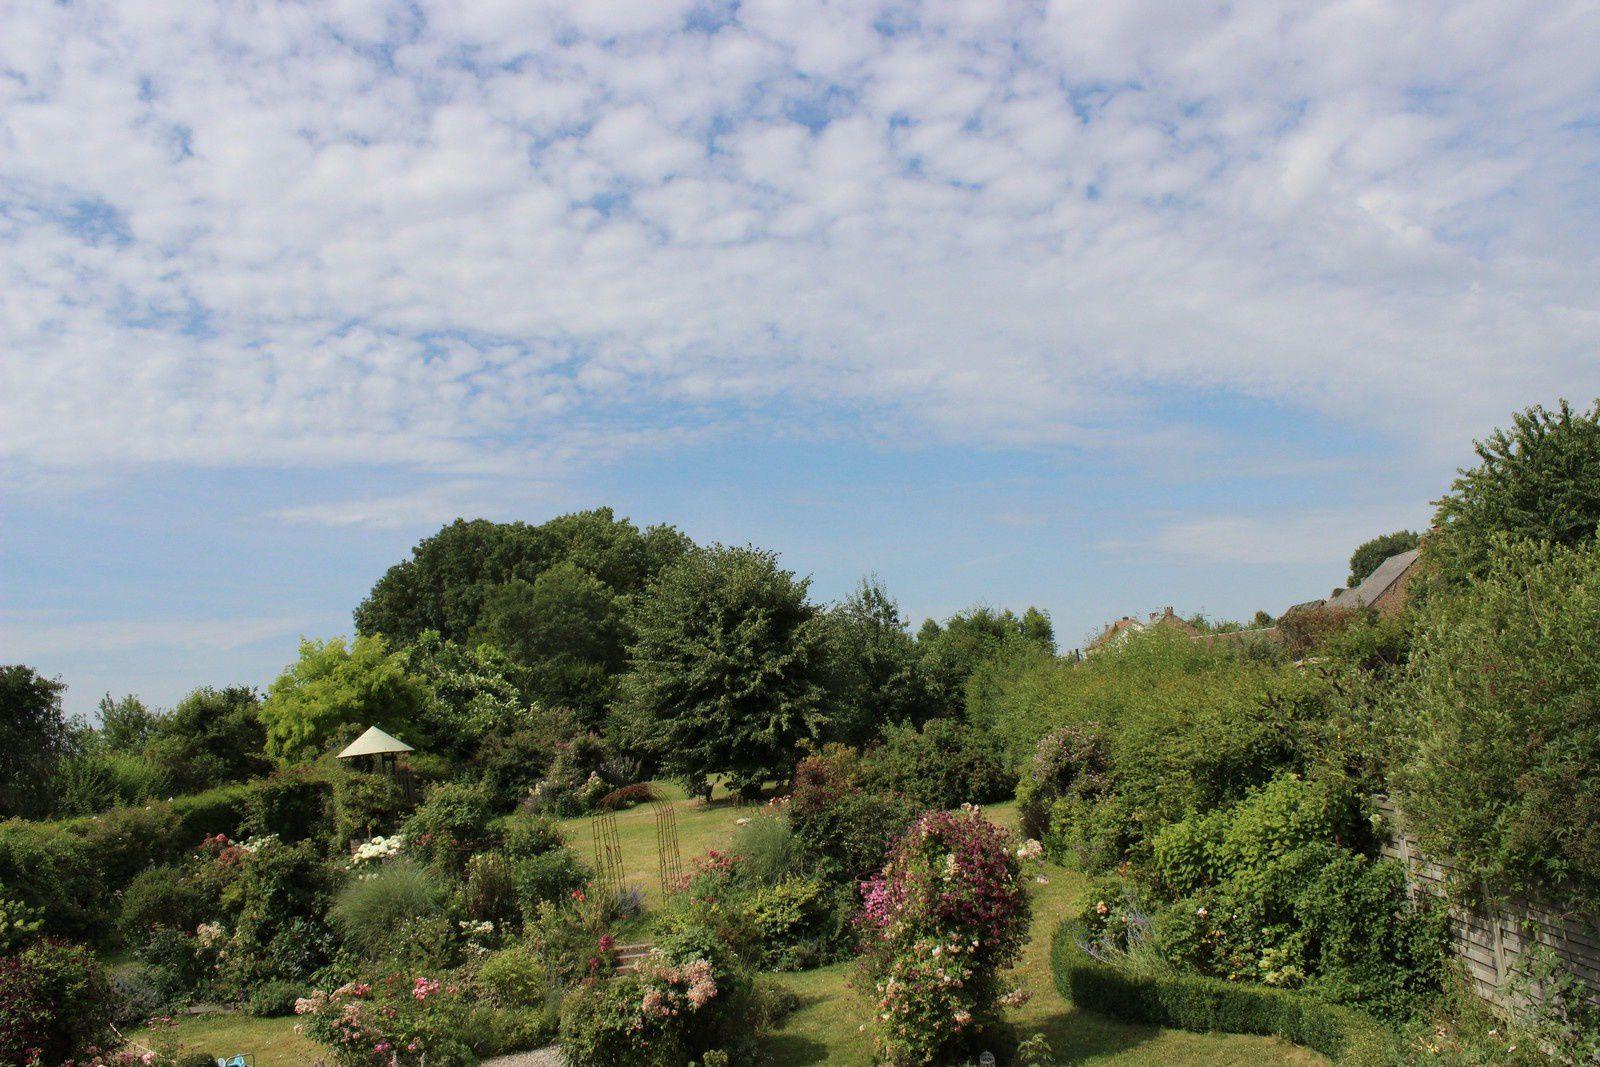 Le jardin coupé de sa partie basse où se trouve le grand tuyau d'arrosage